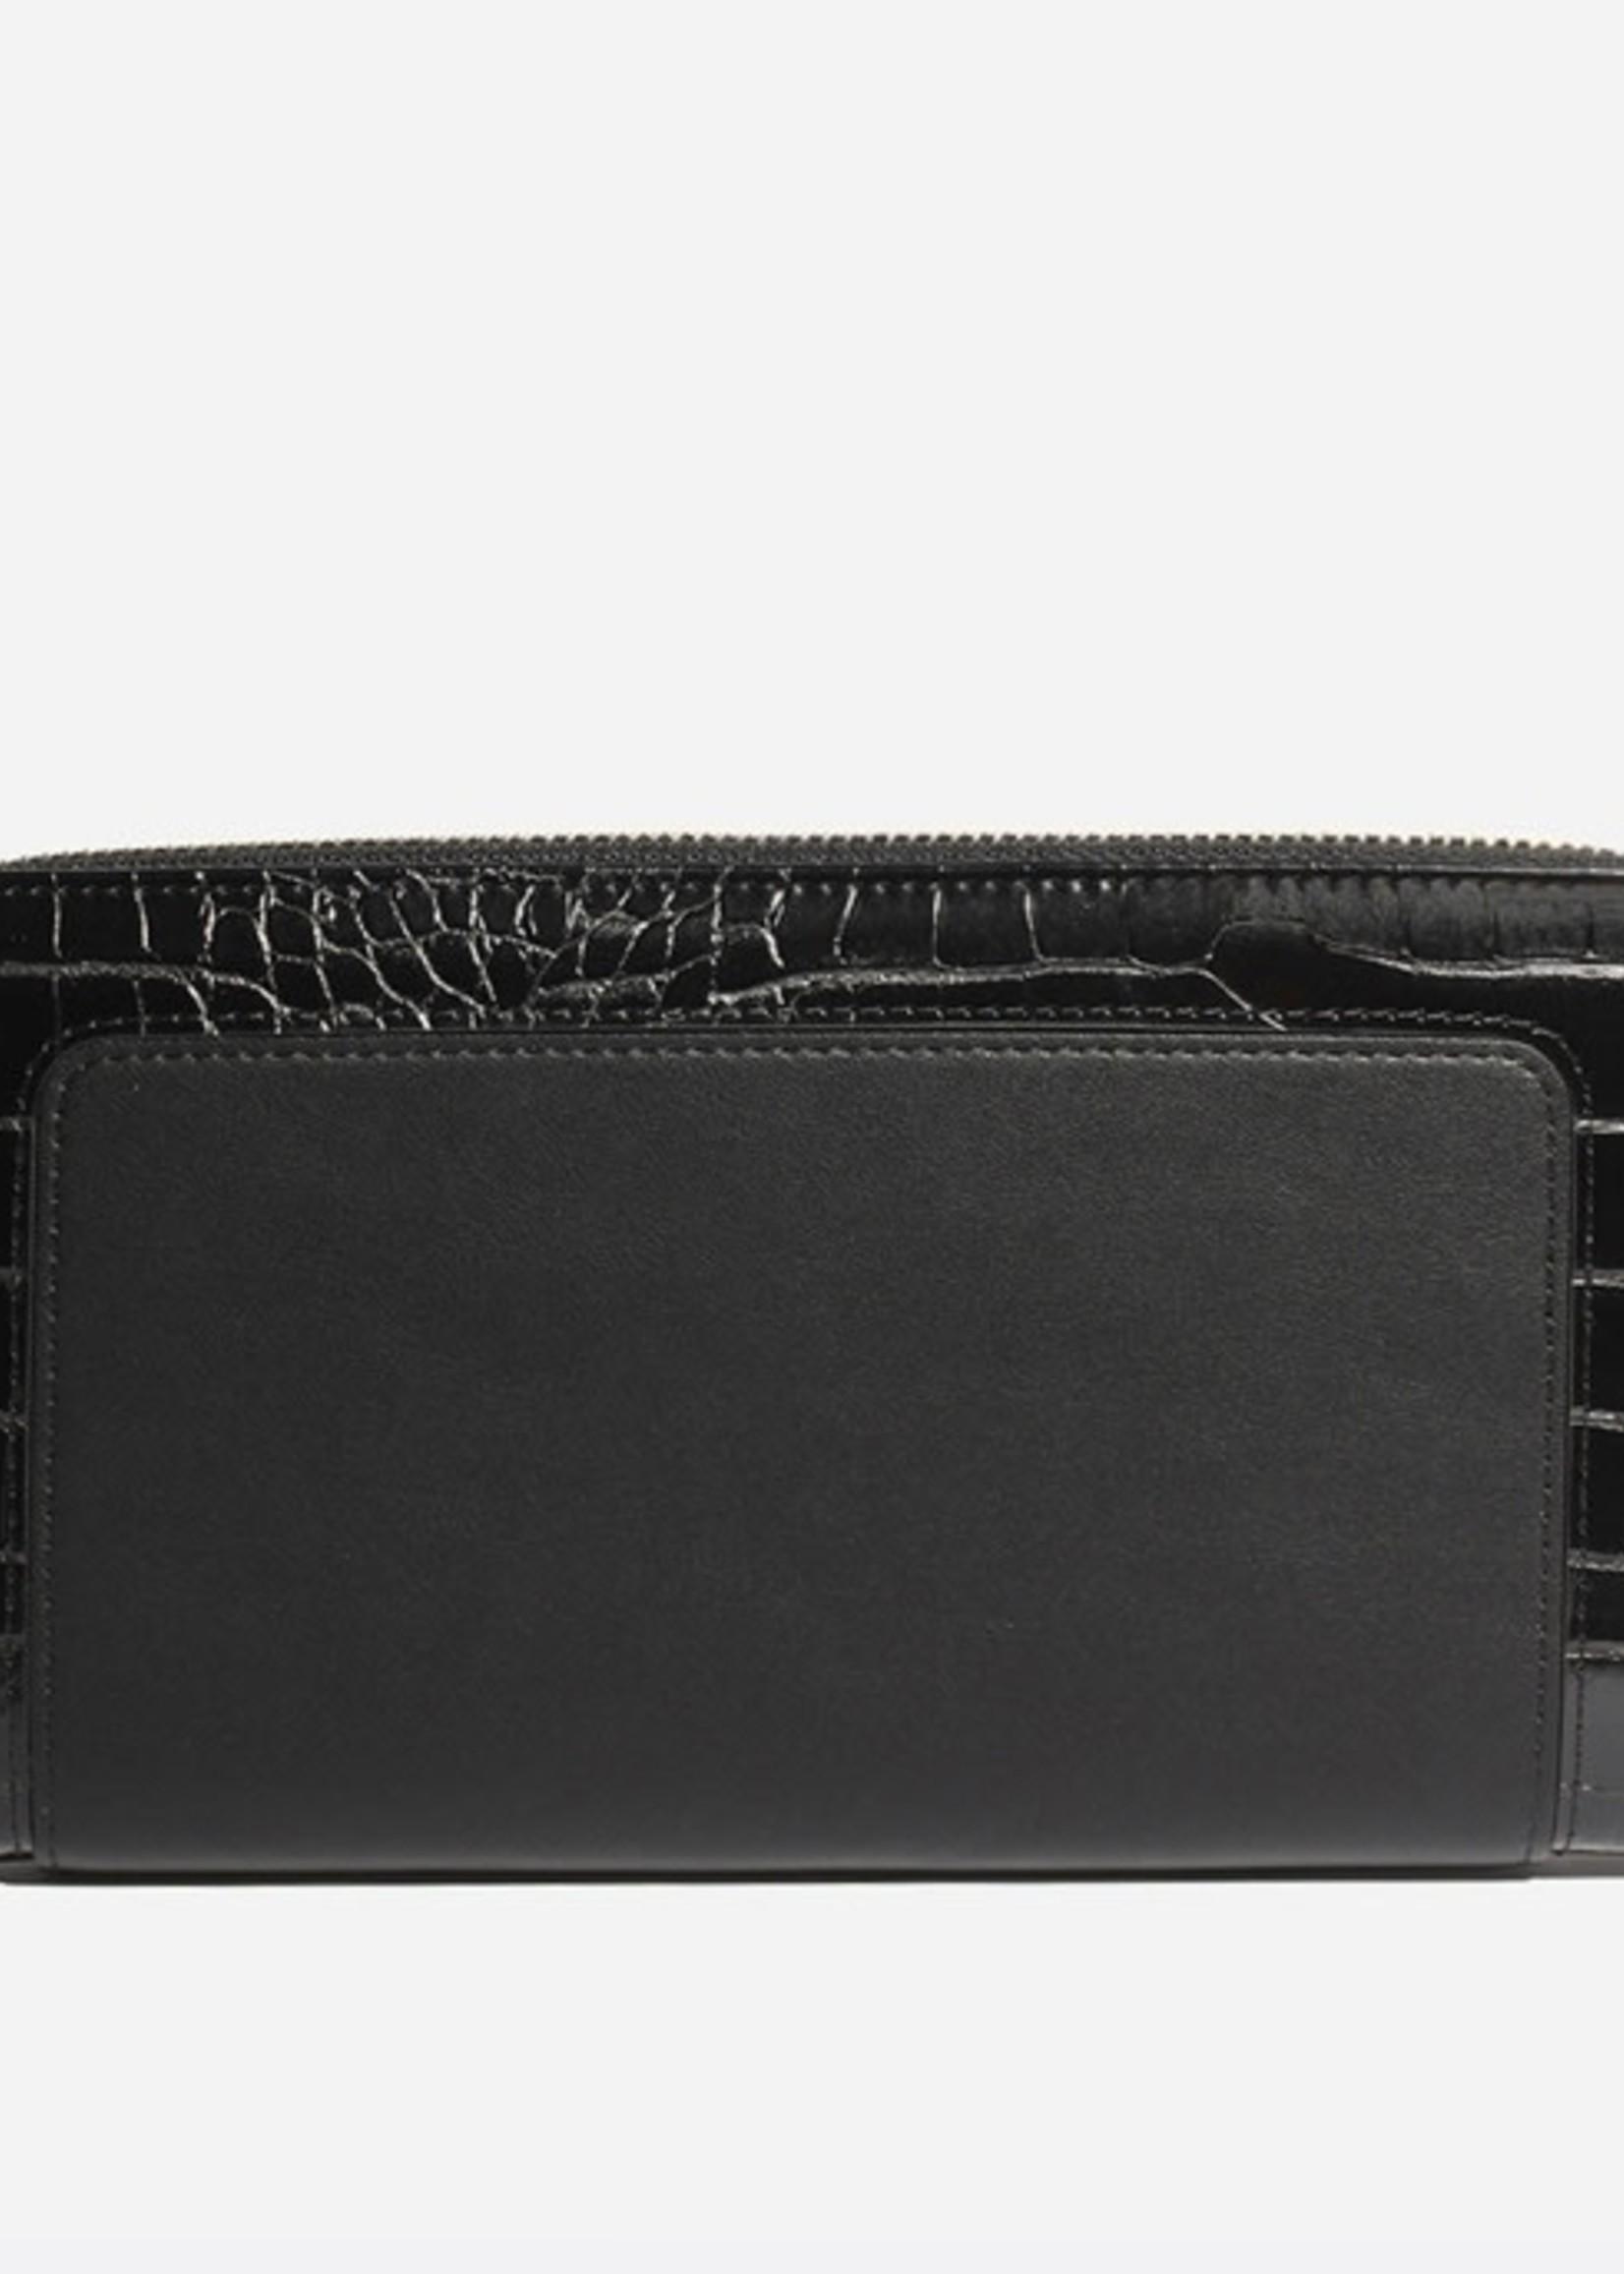 PIXIE MOOD Emma Ziparound Wallet BLACK CROC